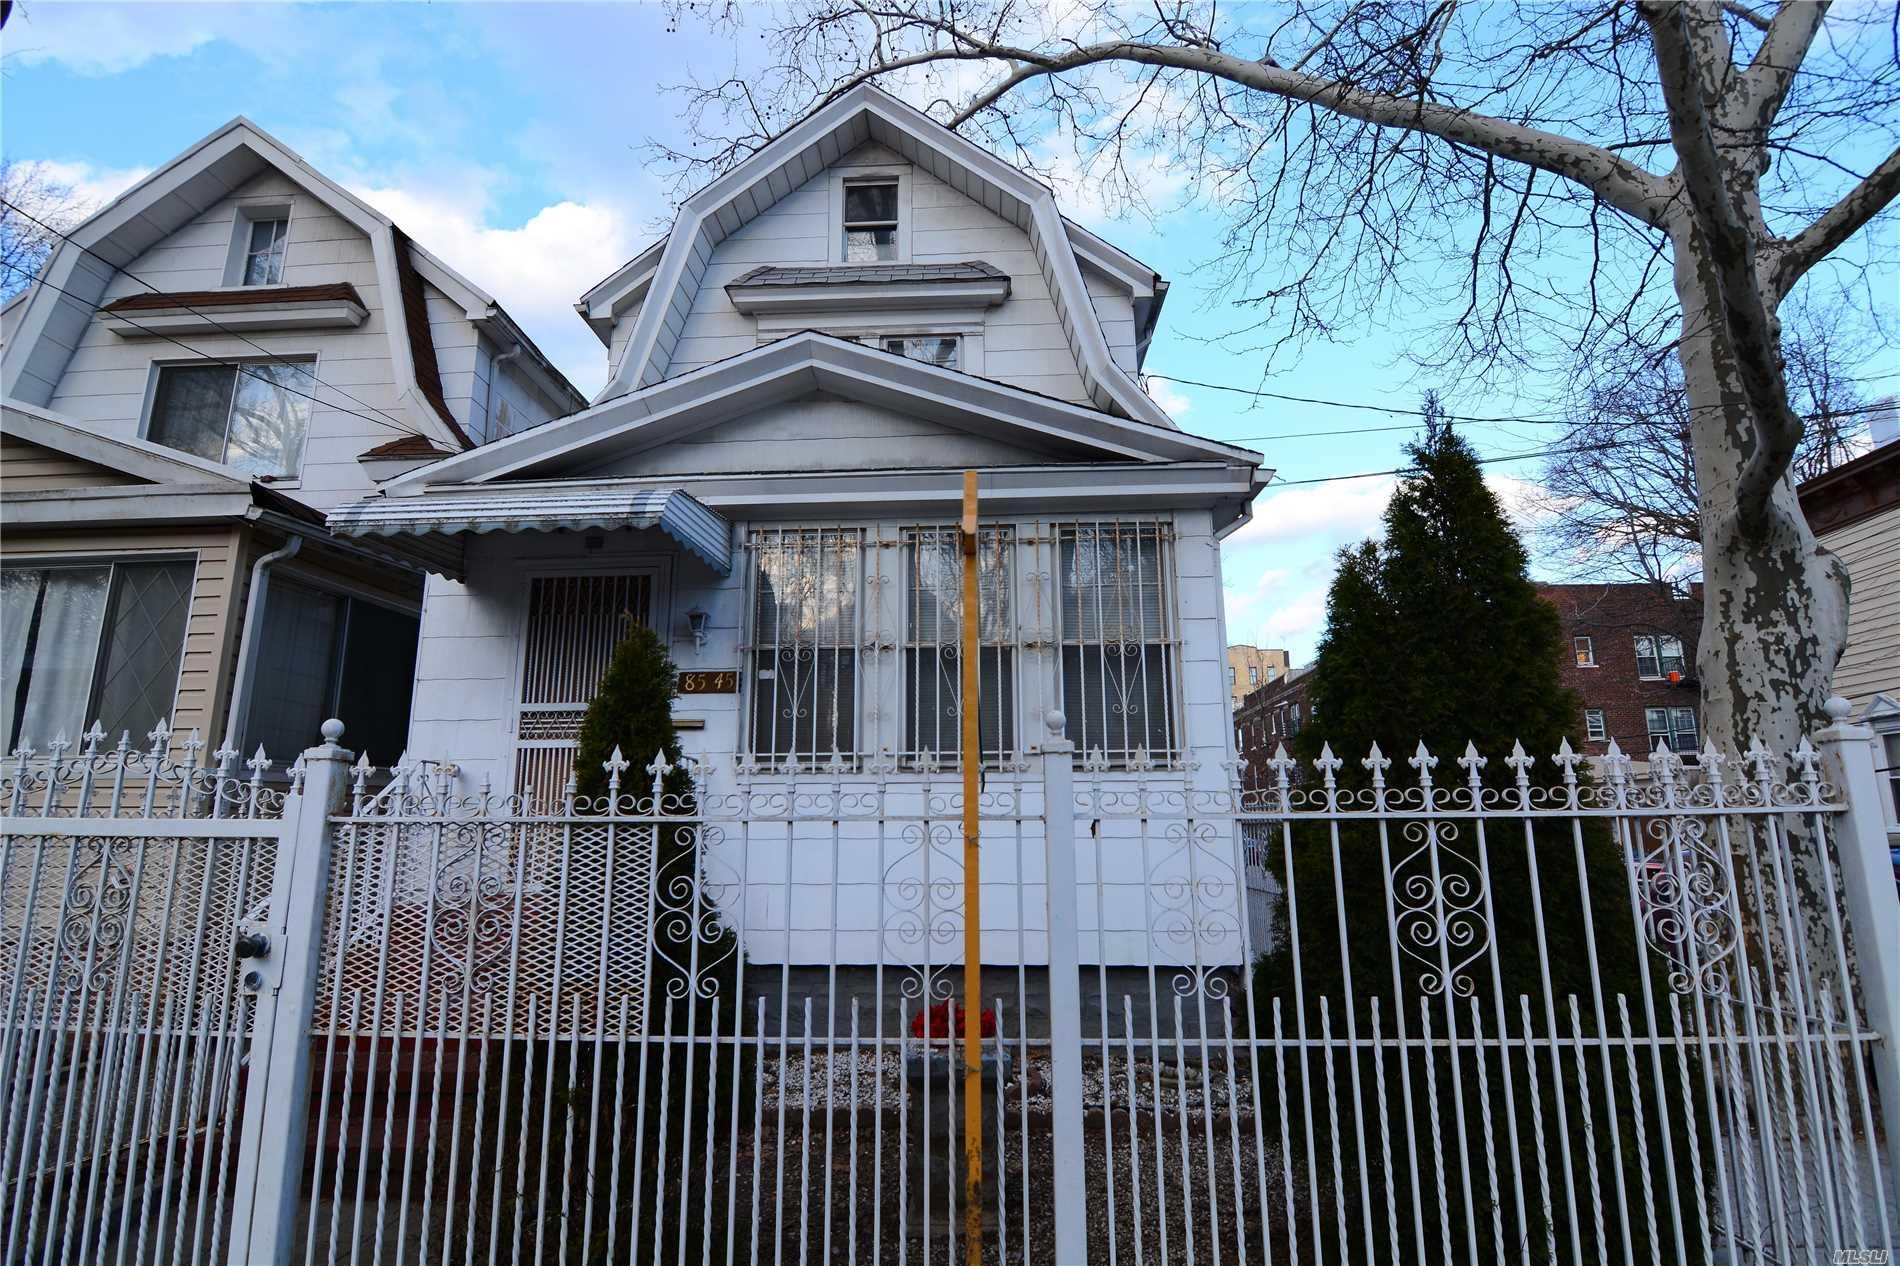 85-45 101st St - Richmond Hill, New York